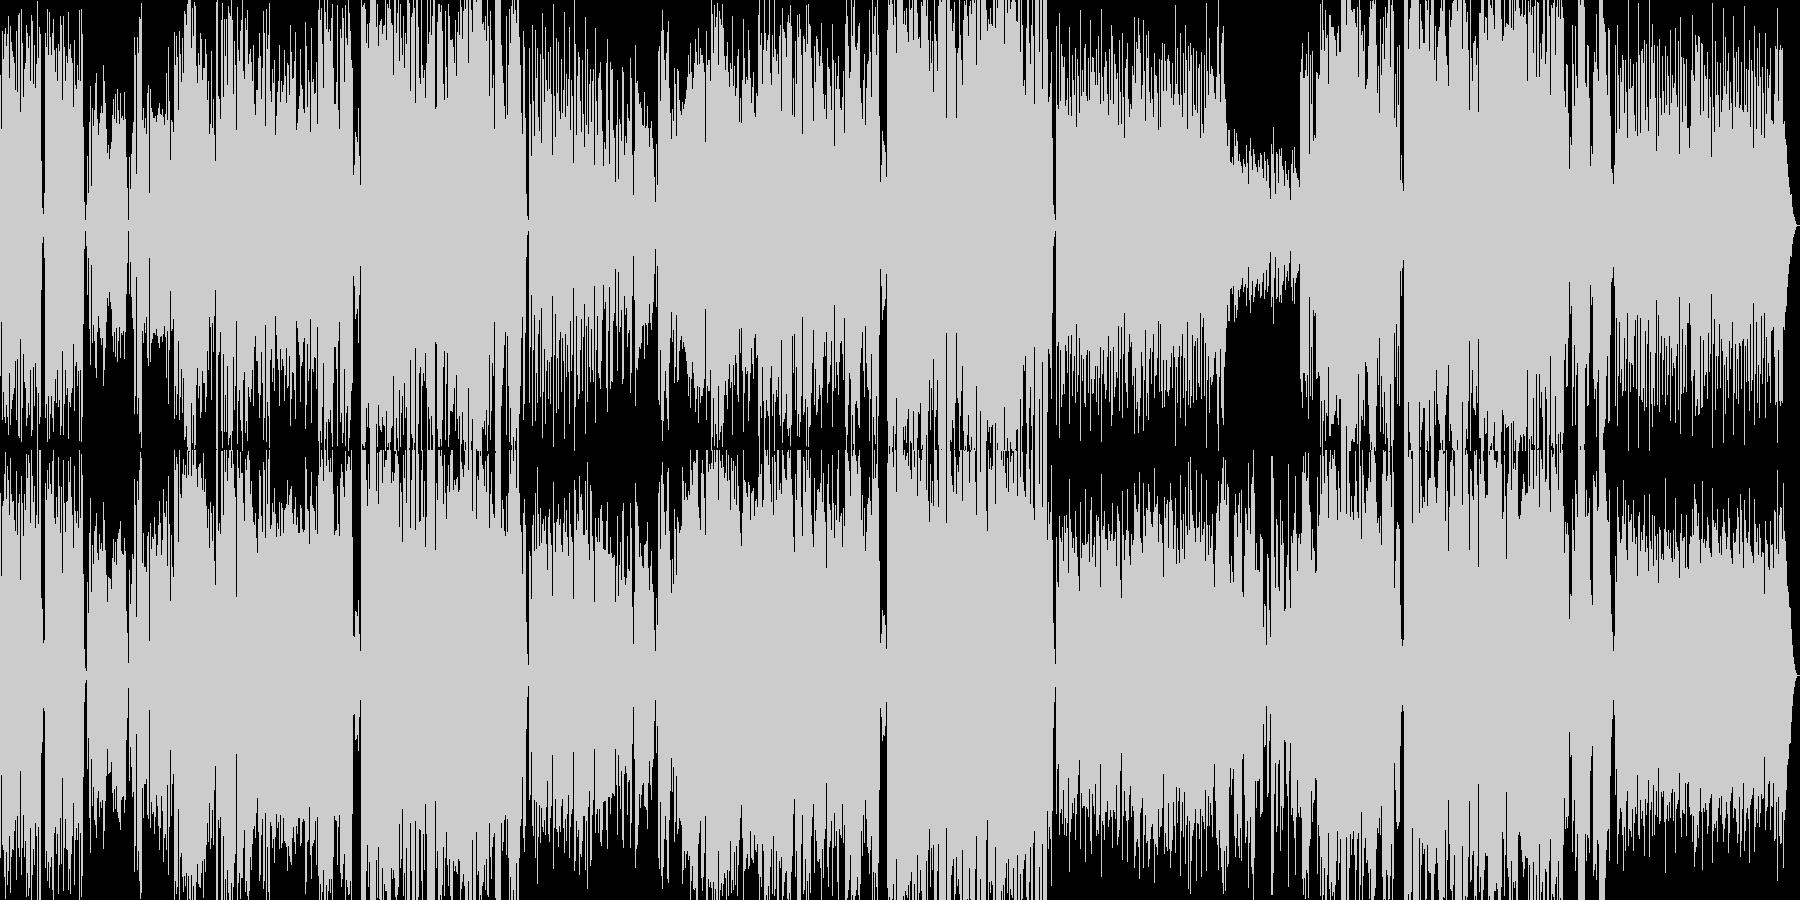 十分なハモリのあるピアノポップソングの未再生の波形